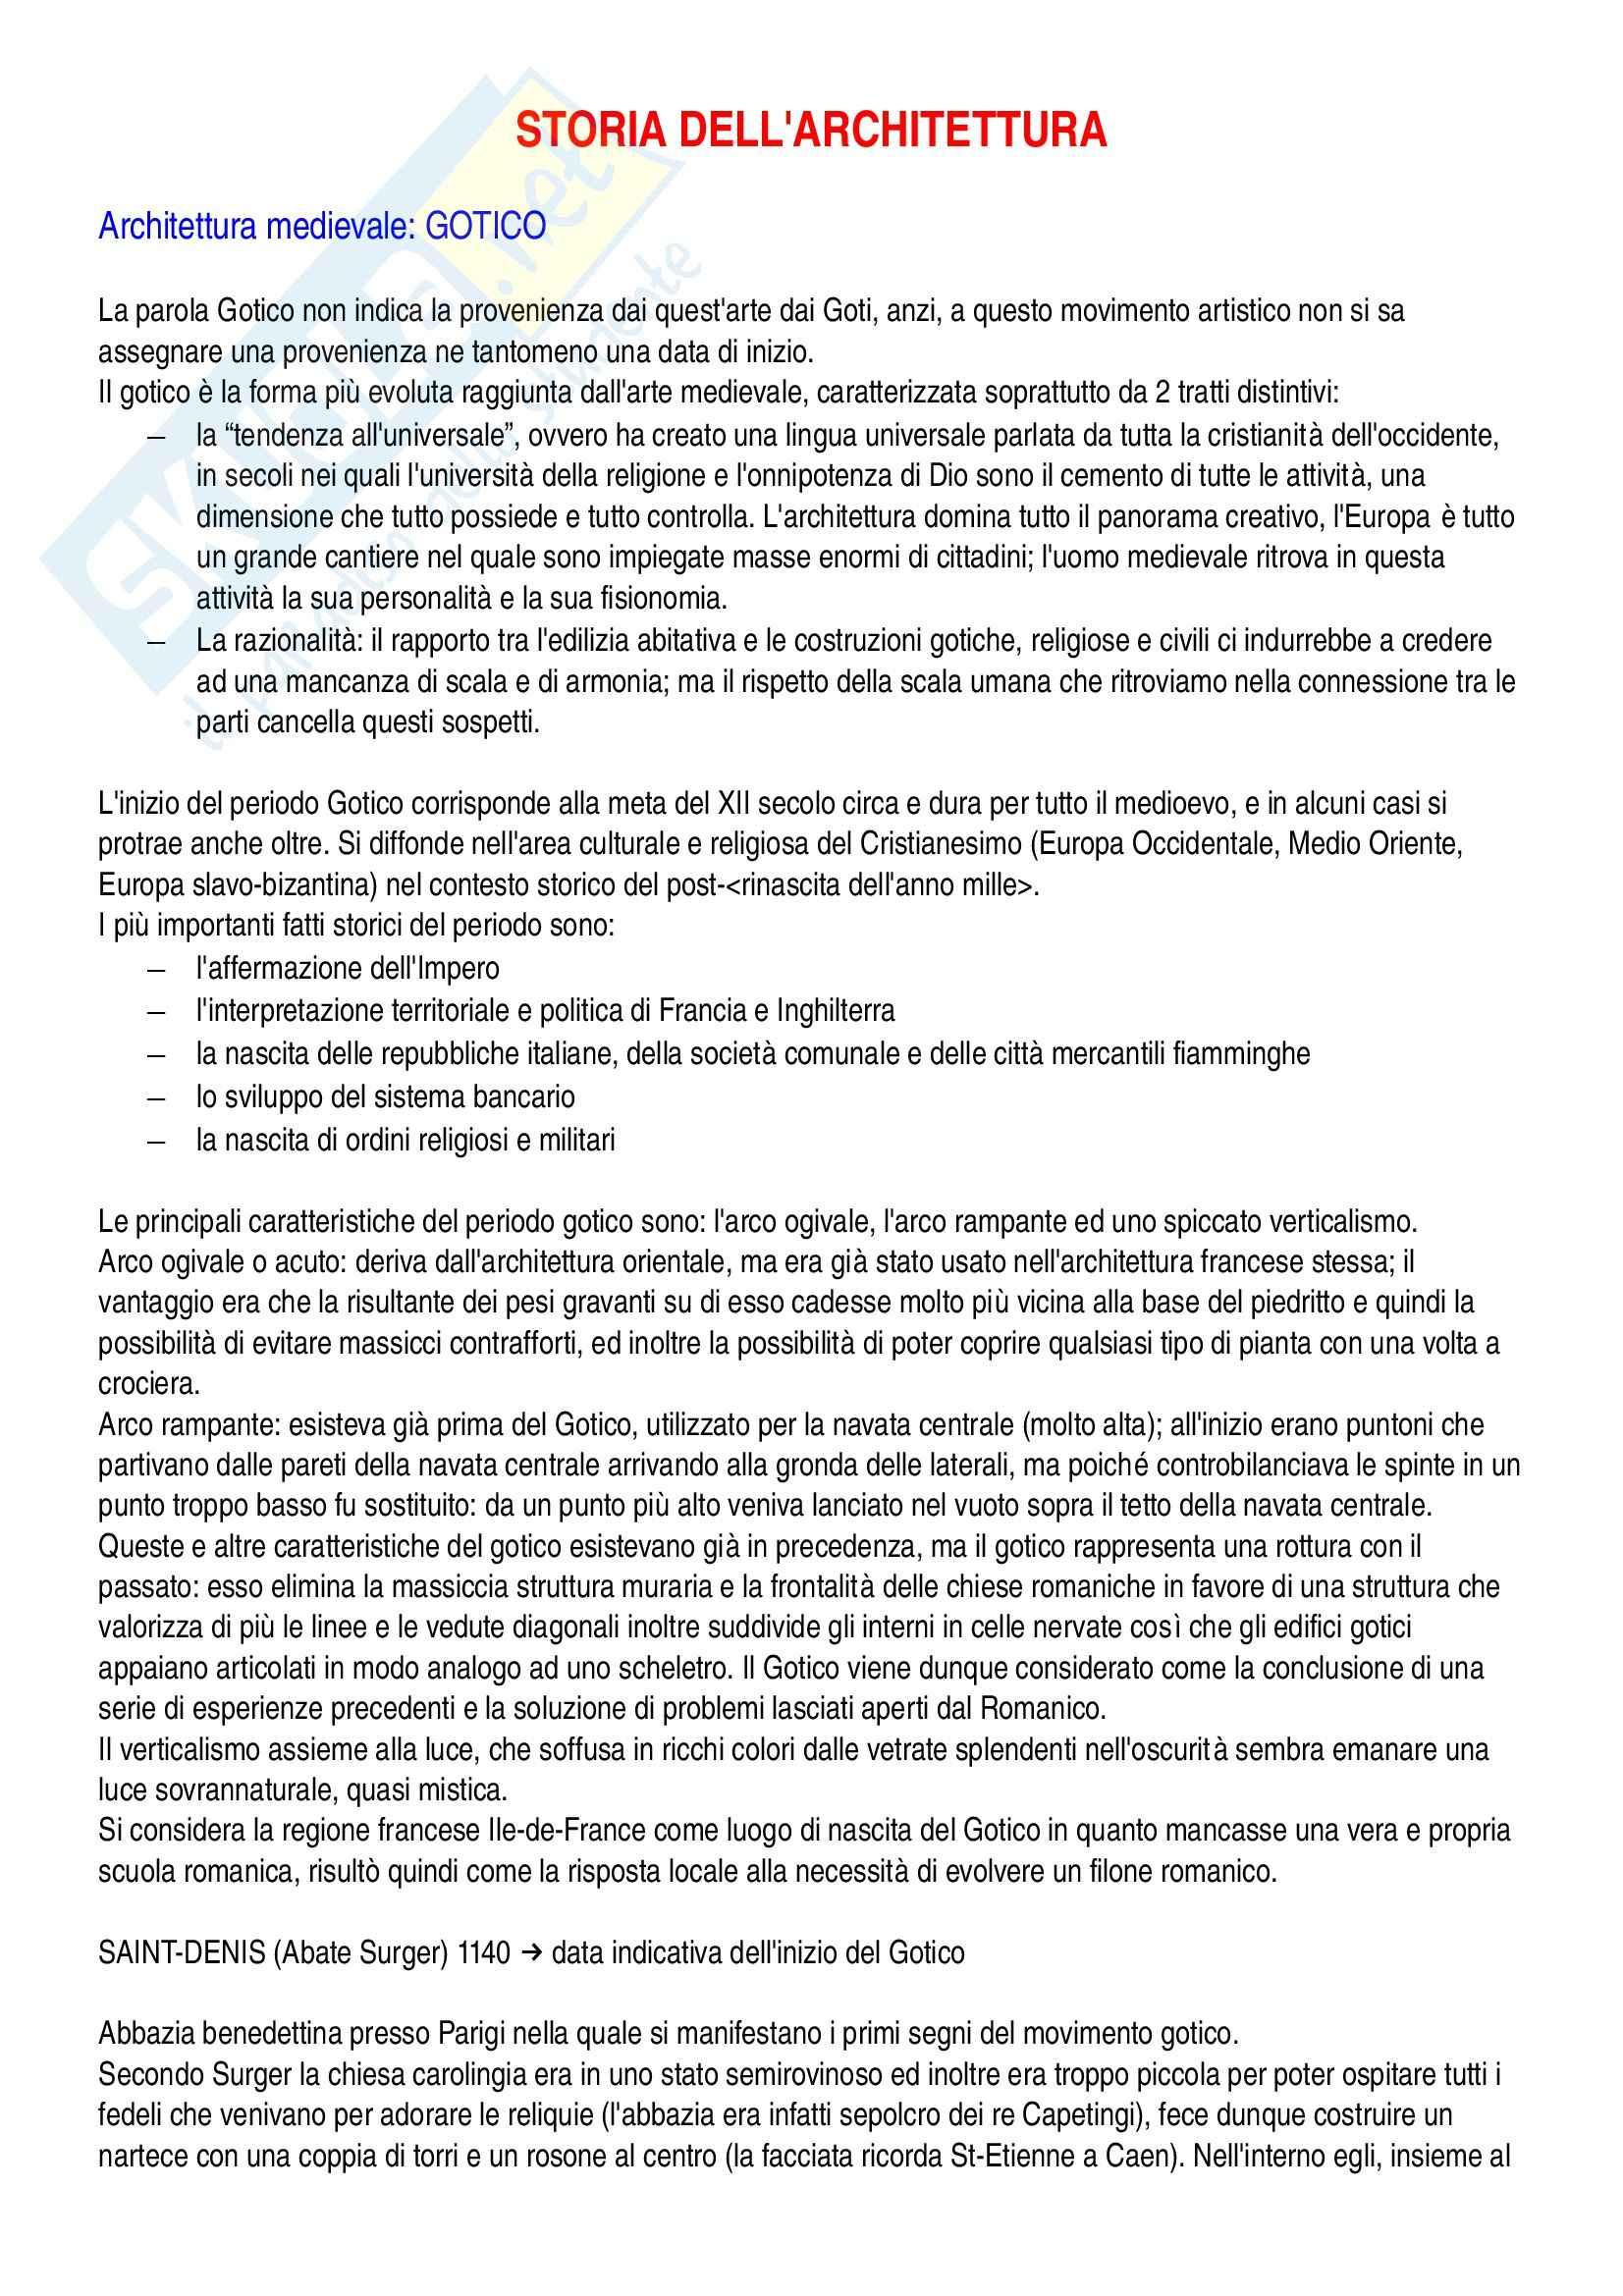 Riassunto esame Storia dell'architettura I - dal Gotico al Barocco (compreso), prof. Loi